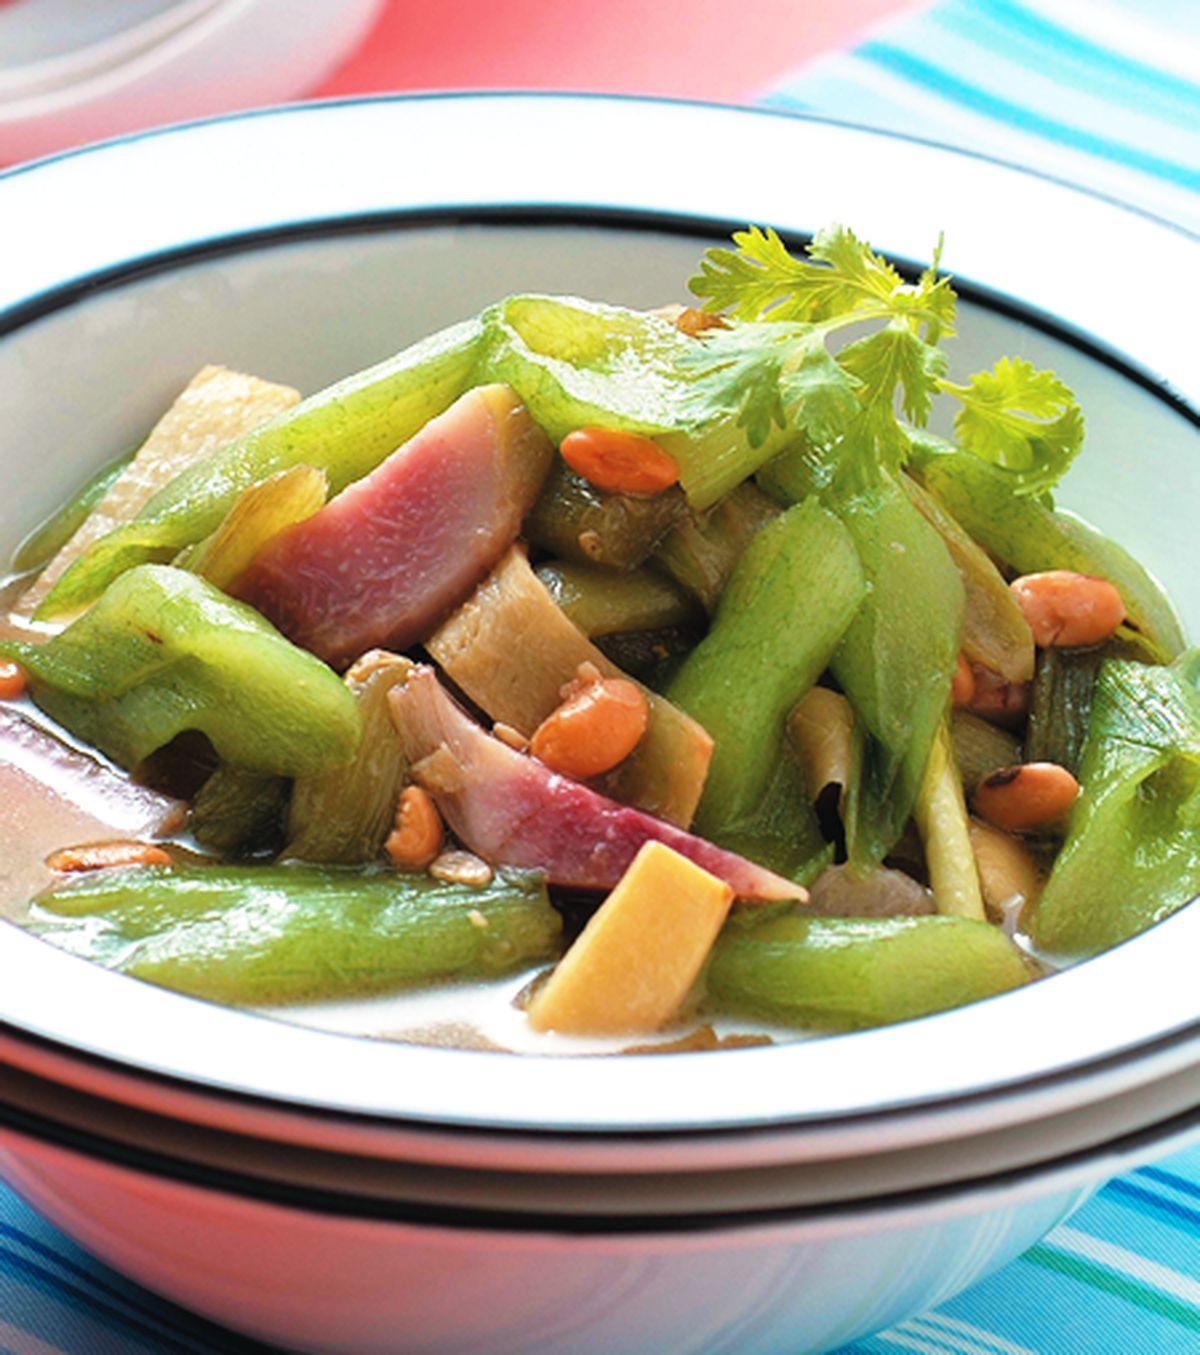 食譜:豆醬炒芋梗